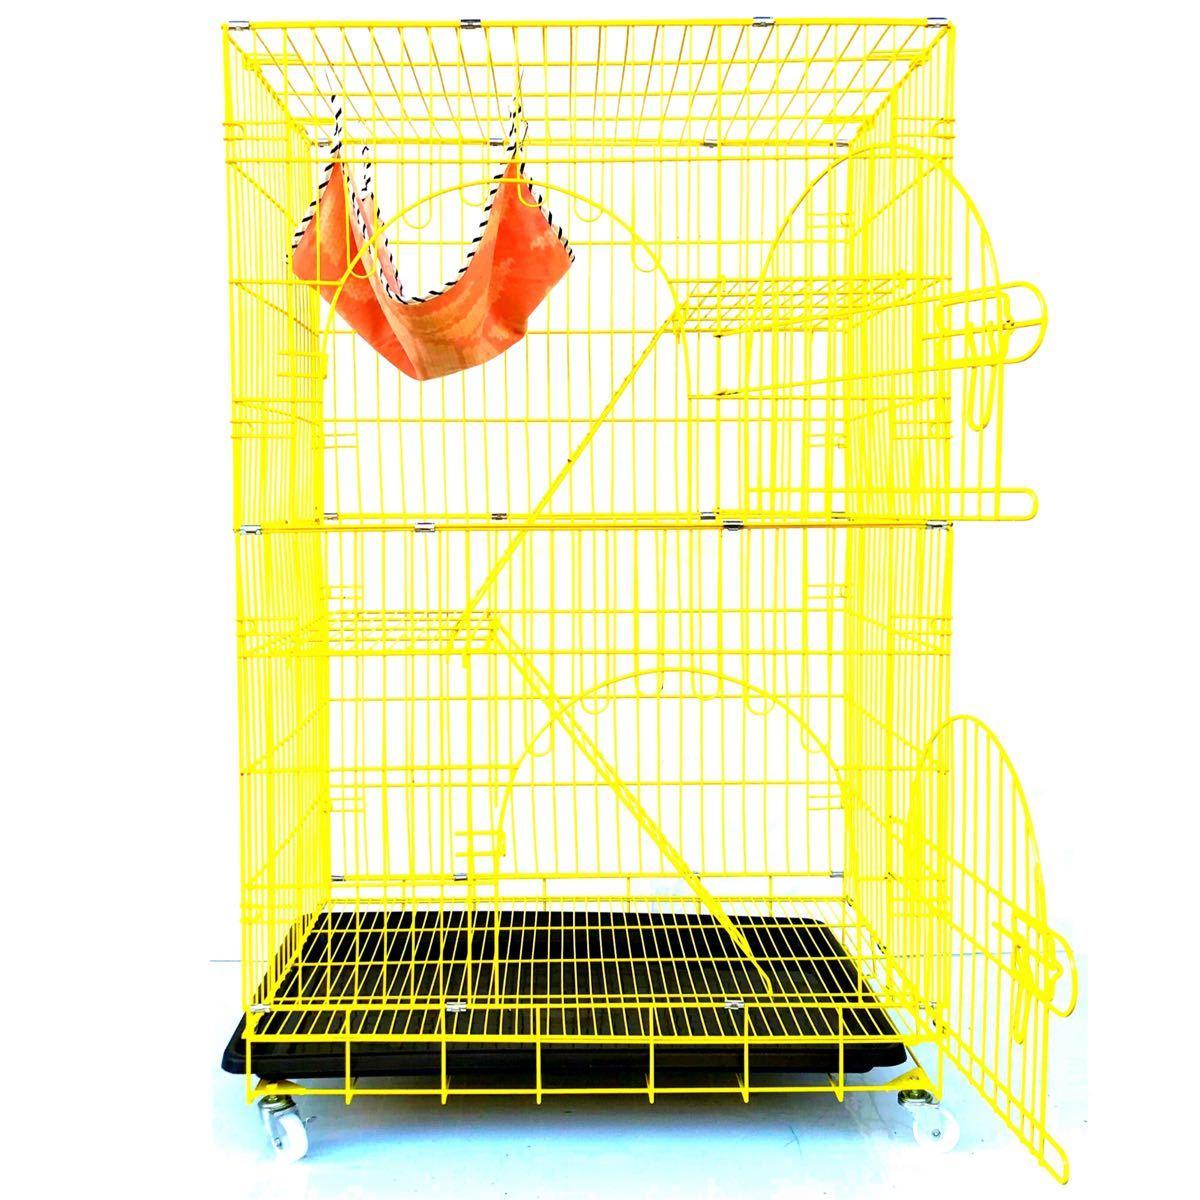 猫ケージ キャットケージ ペットケージ 折りたたみ式 2段3段 大型 ハンモック付 猫 鳥 小動物 ケージ ハウス イエロー 黄